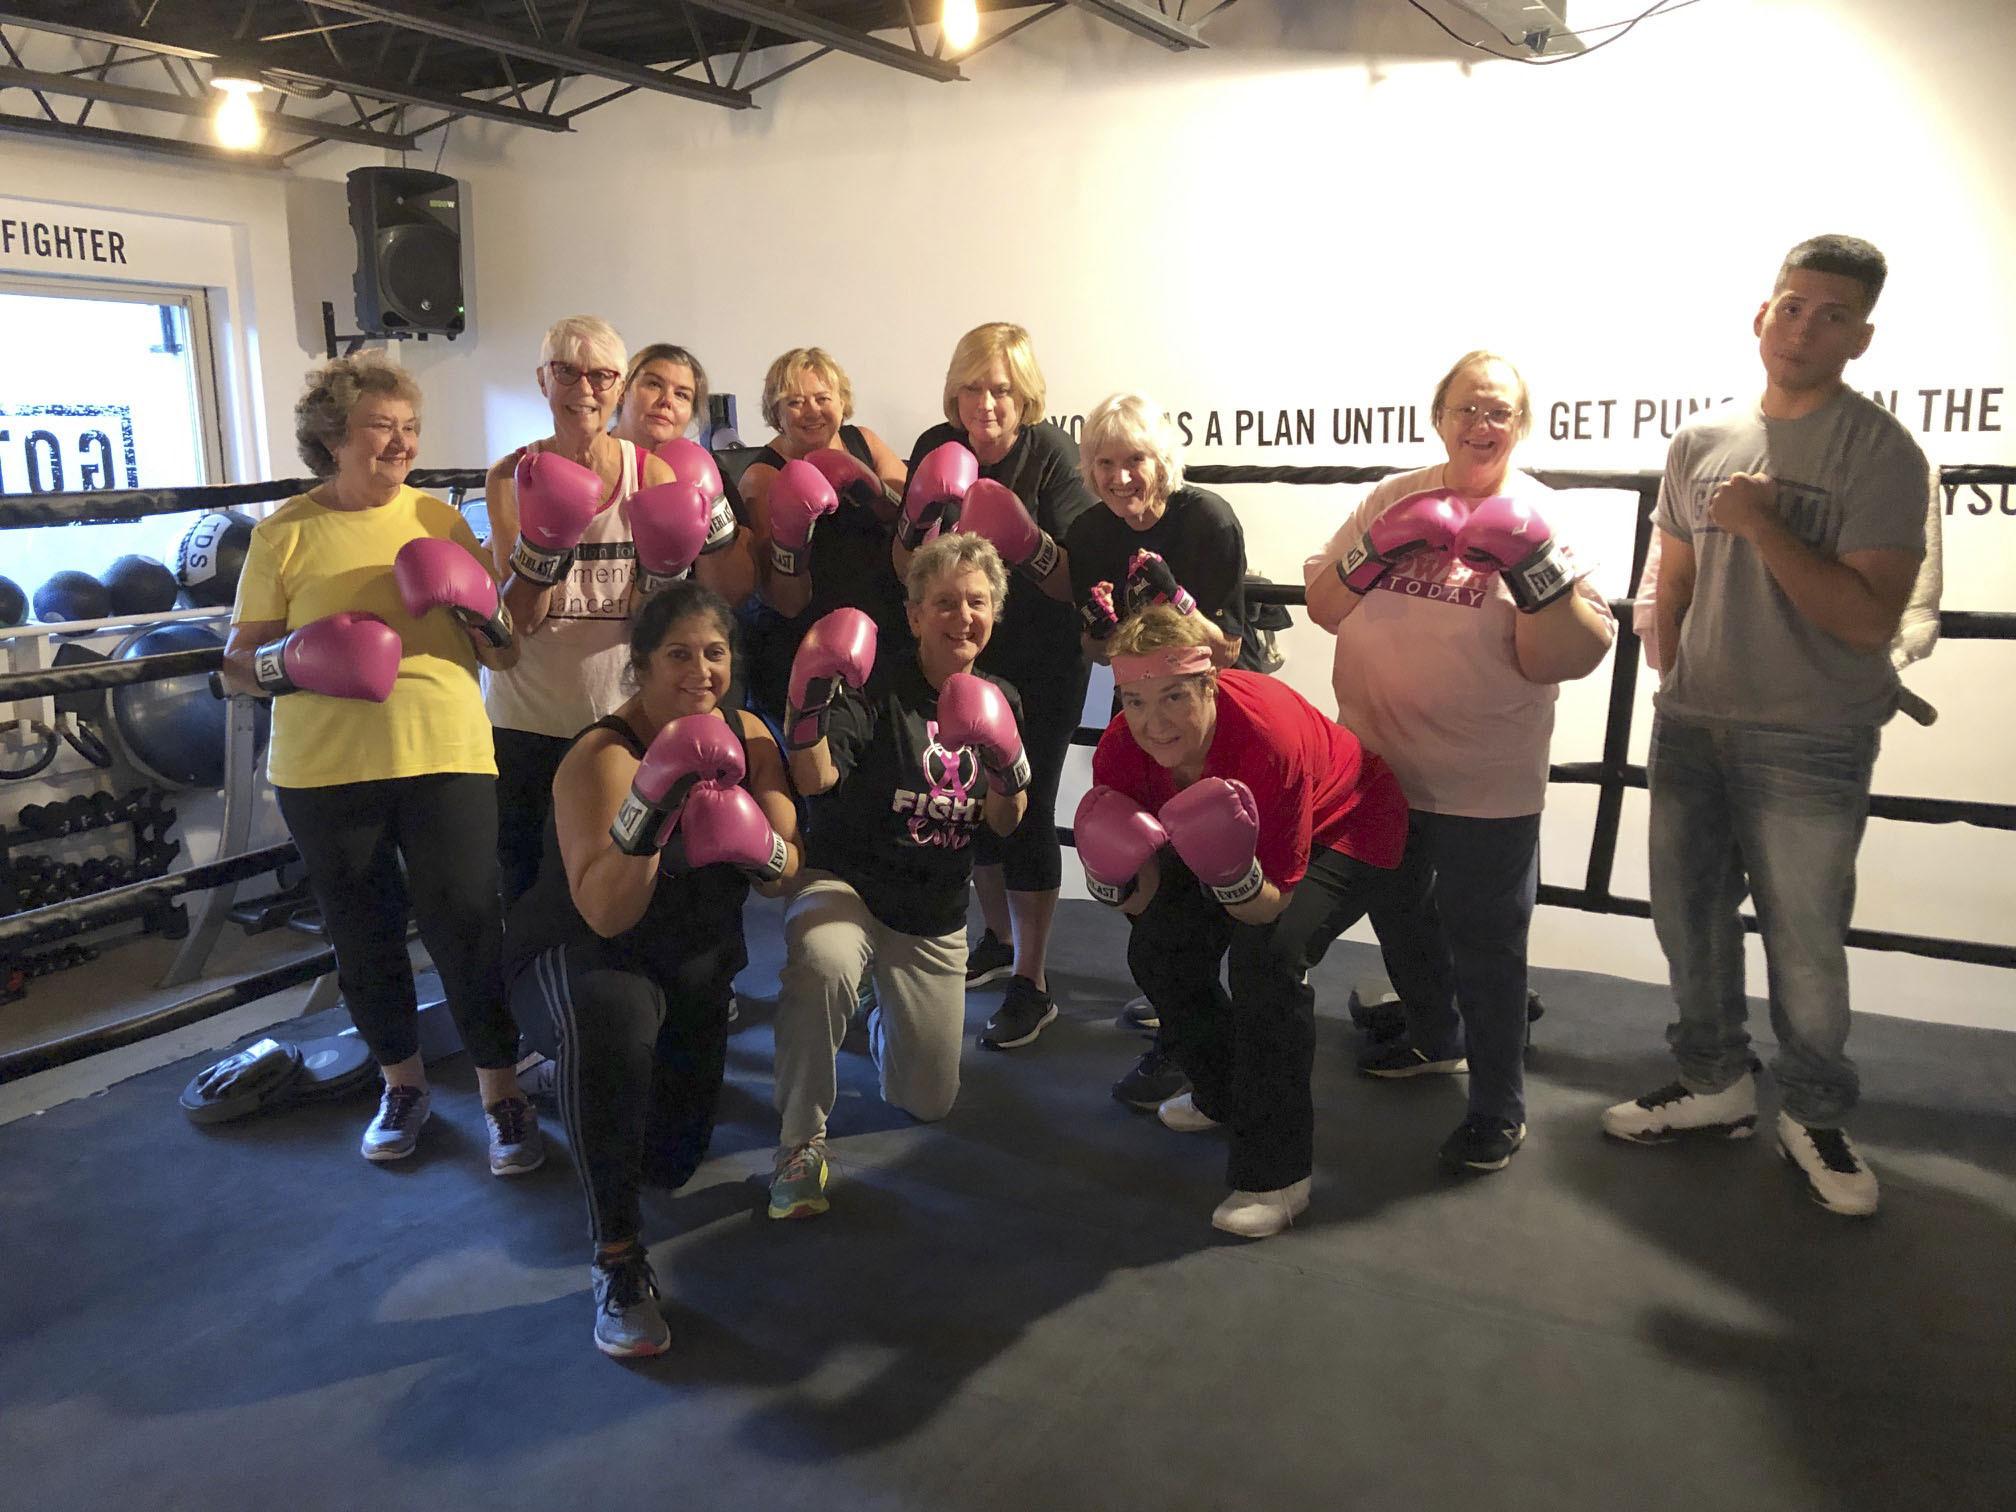 Members of Fight Mode at the Gotham Gym in Bridgehampton.